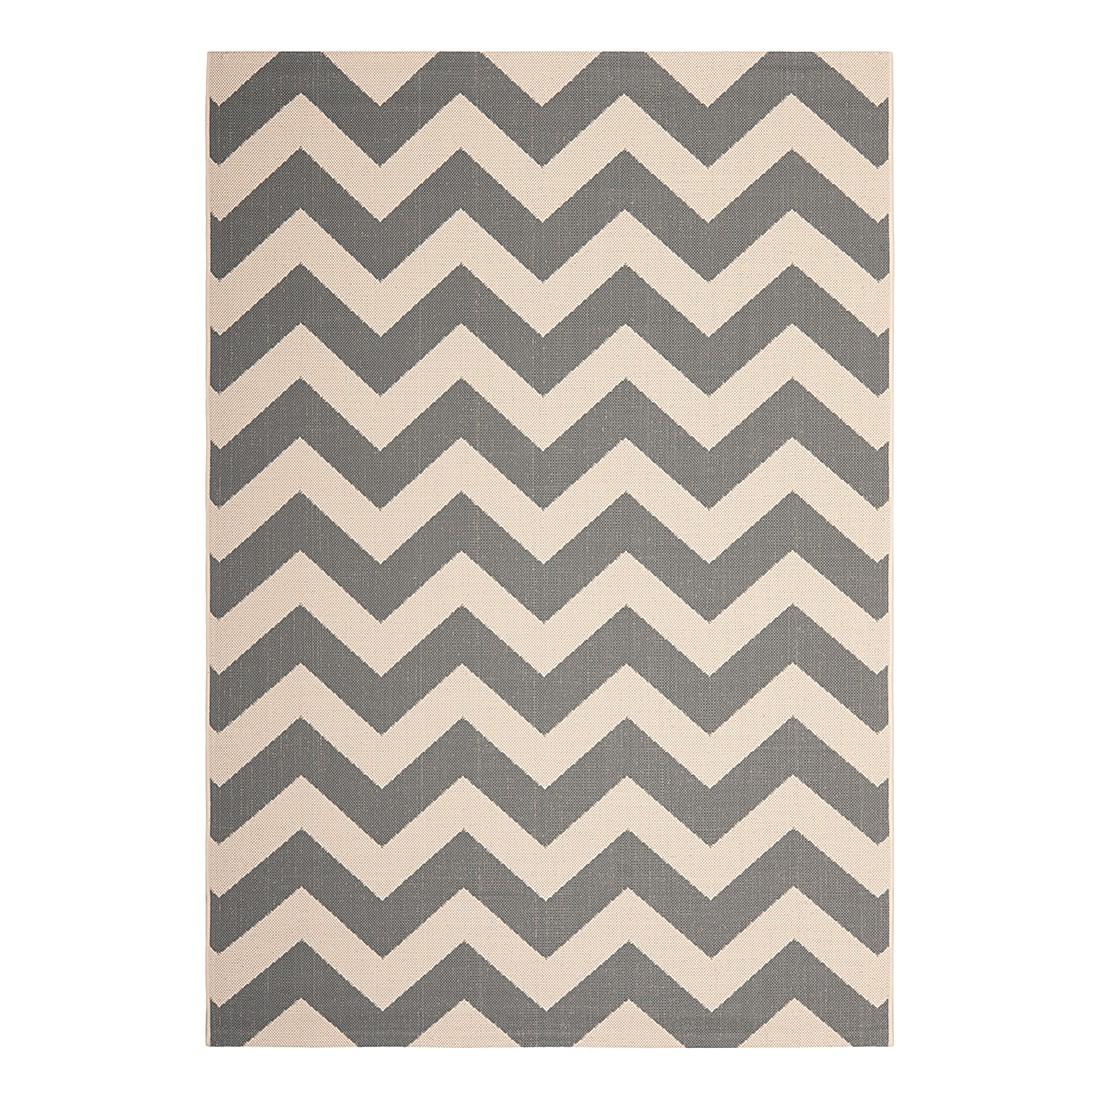 In-/Outdoorteppich Sardinia – Grau/Beige – Maße: 200 x 289 cm, Safavieh online kaufen